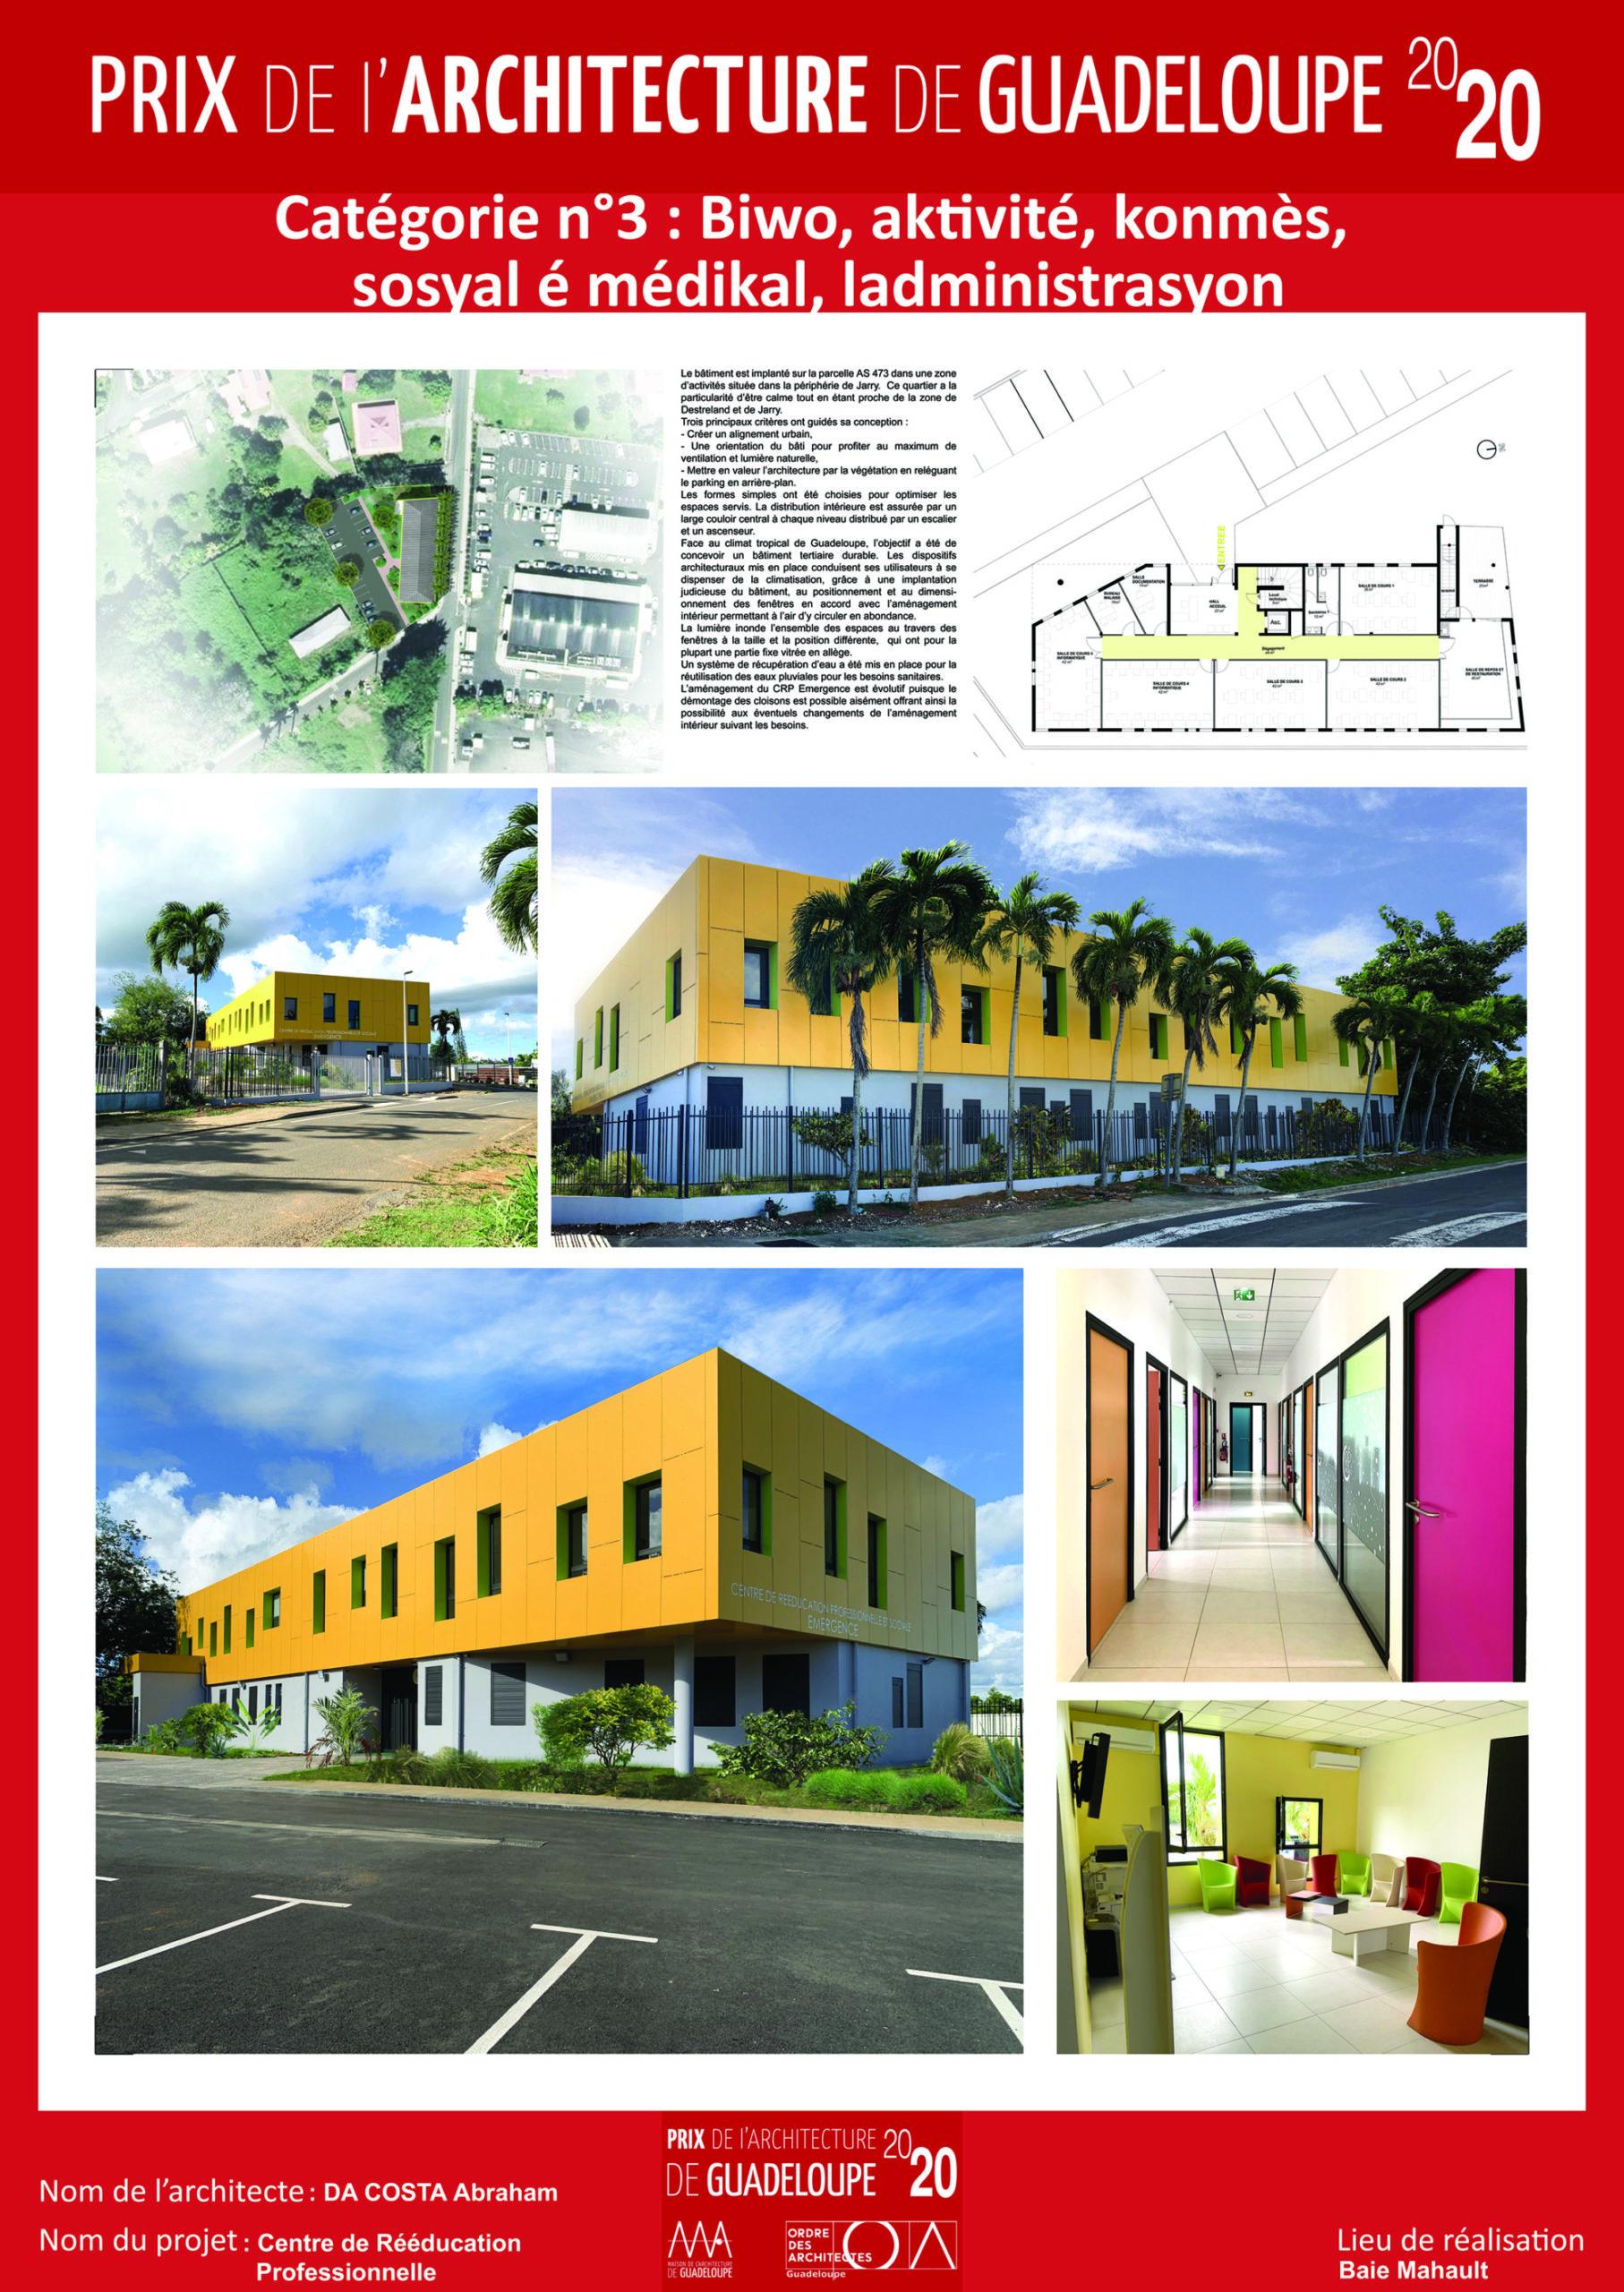 Centre de rééducation professionnelle (Abraham Da Costa)